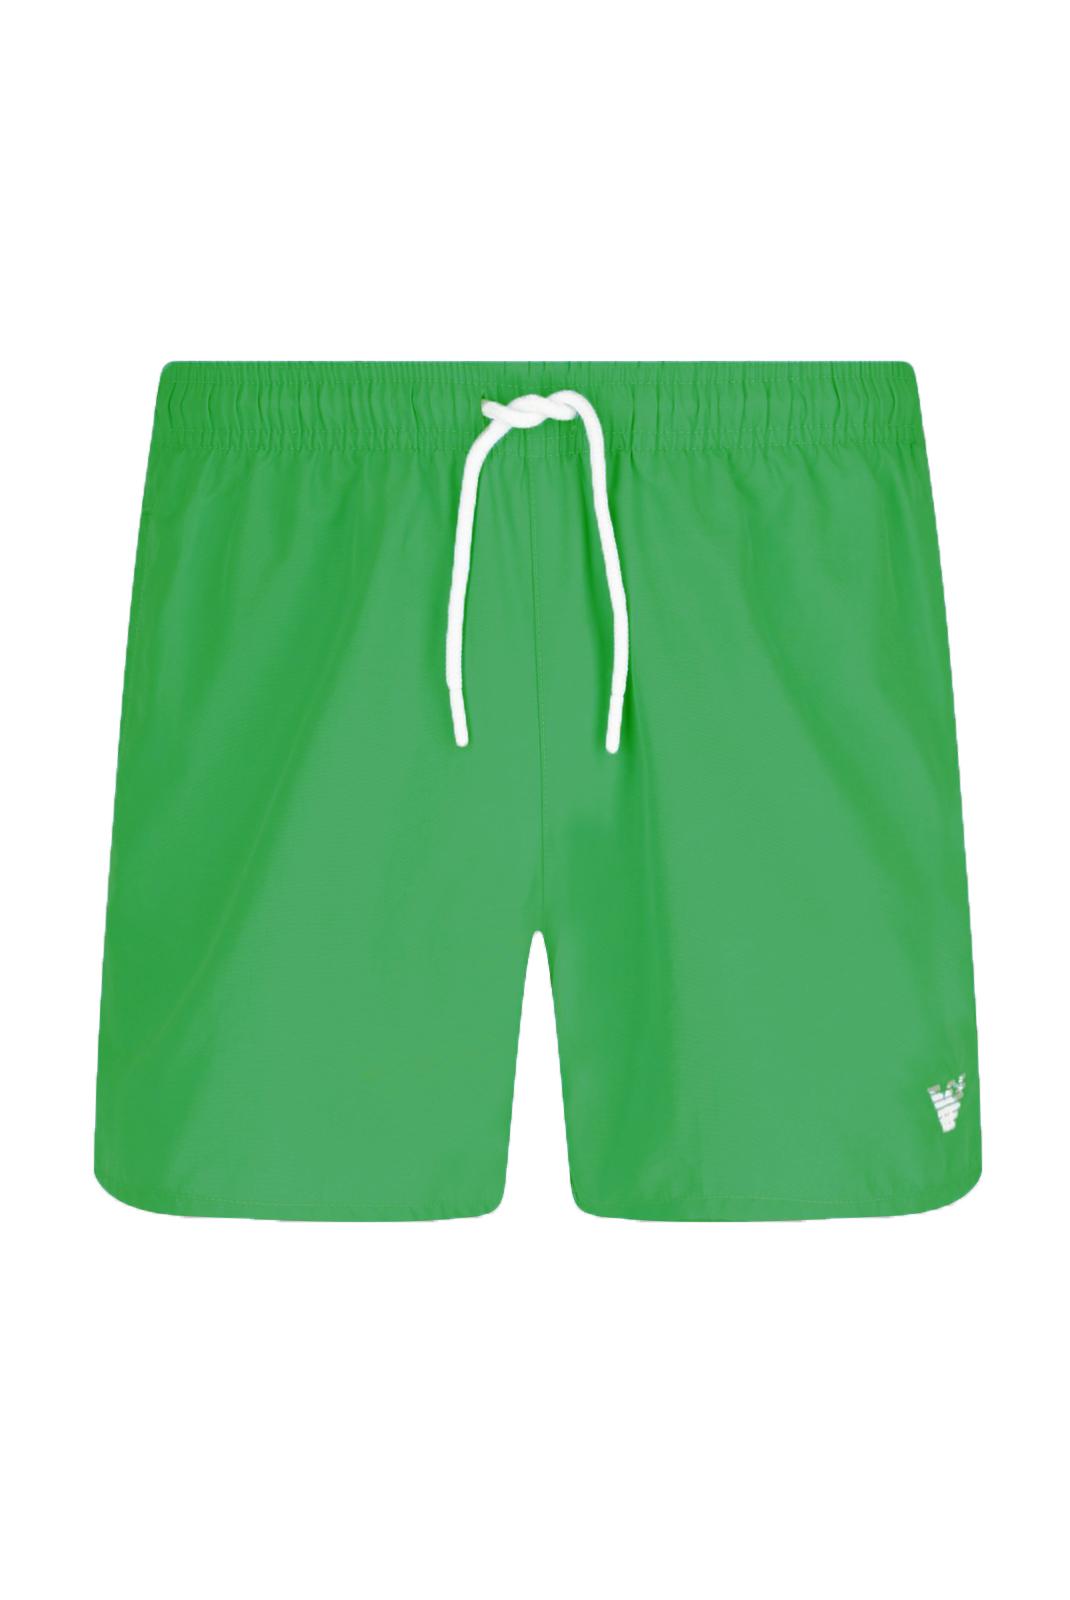 Shorts de bain  Emporio armani 211752 0P438 1185